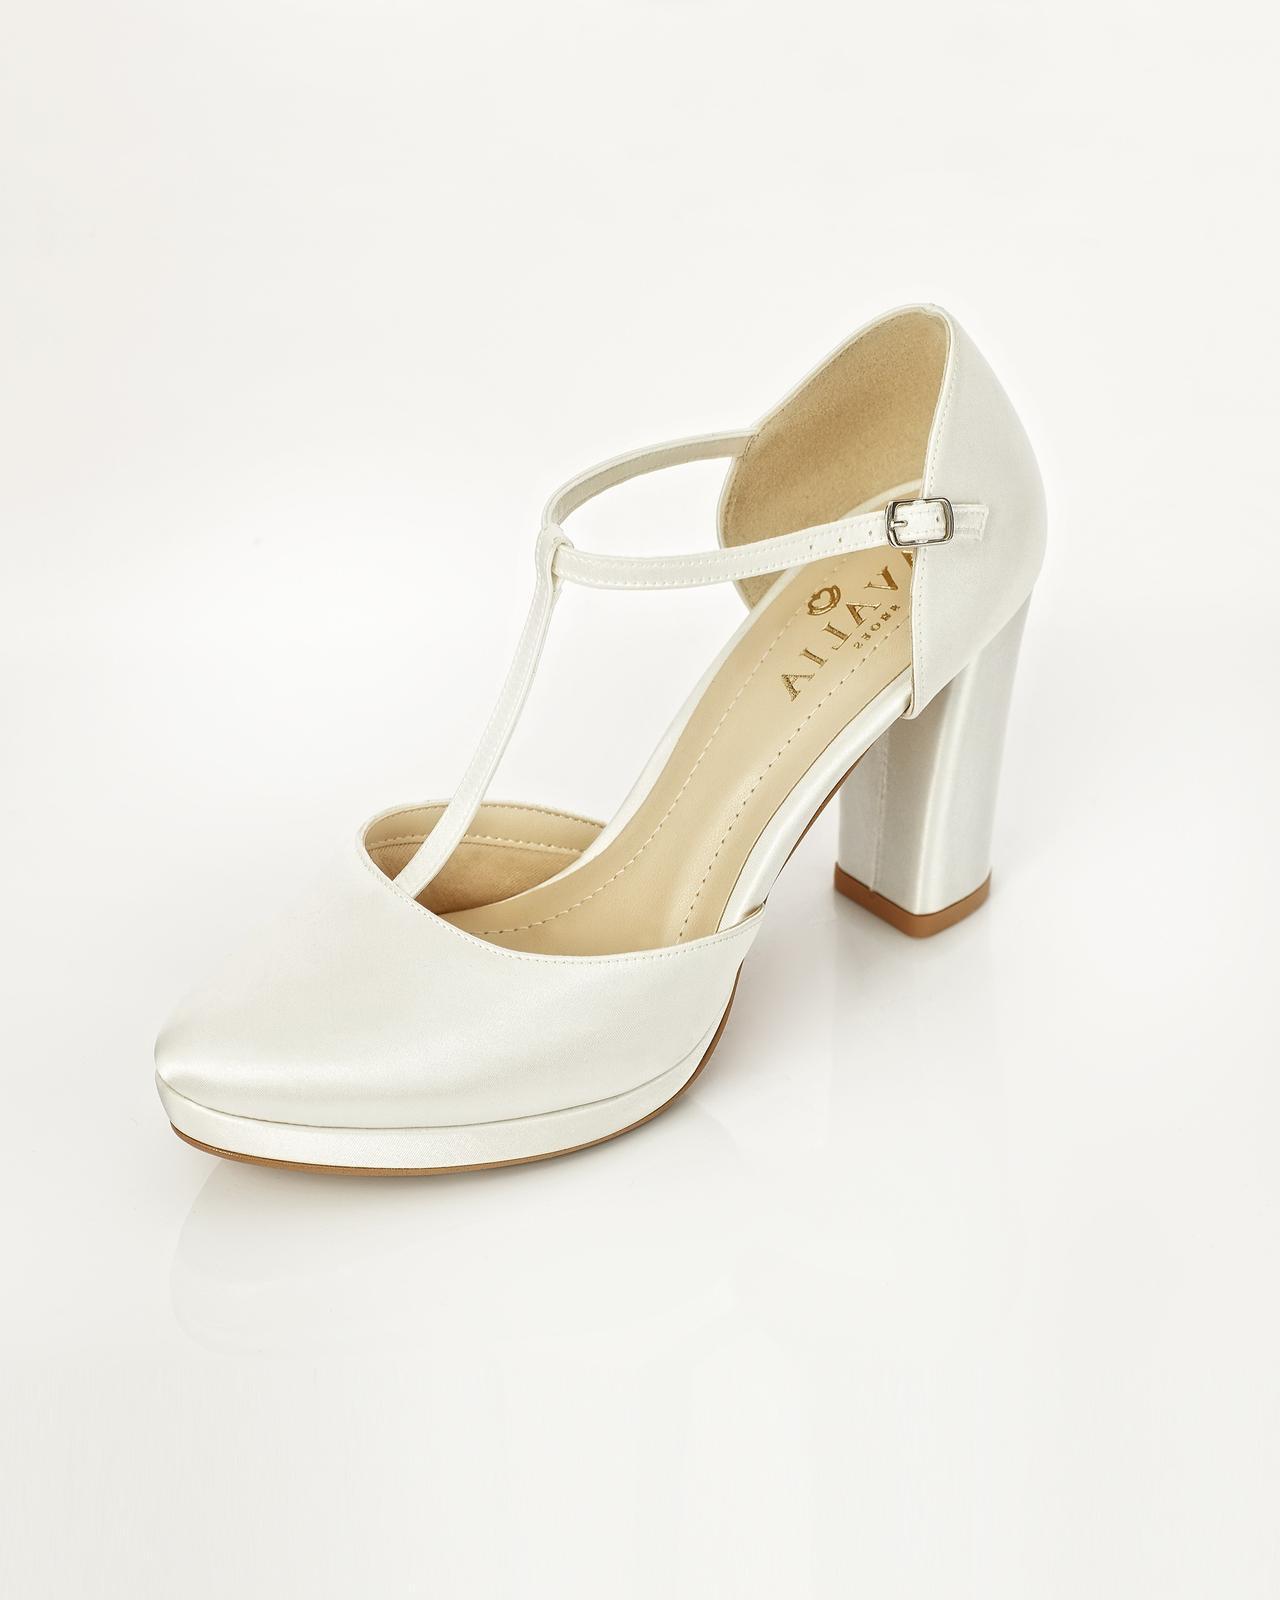 Svadobné topánky Coco - Obrázok č. 1